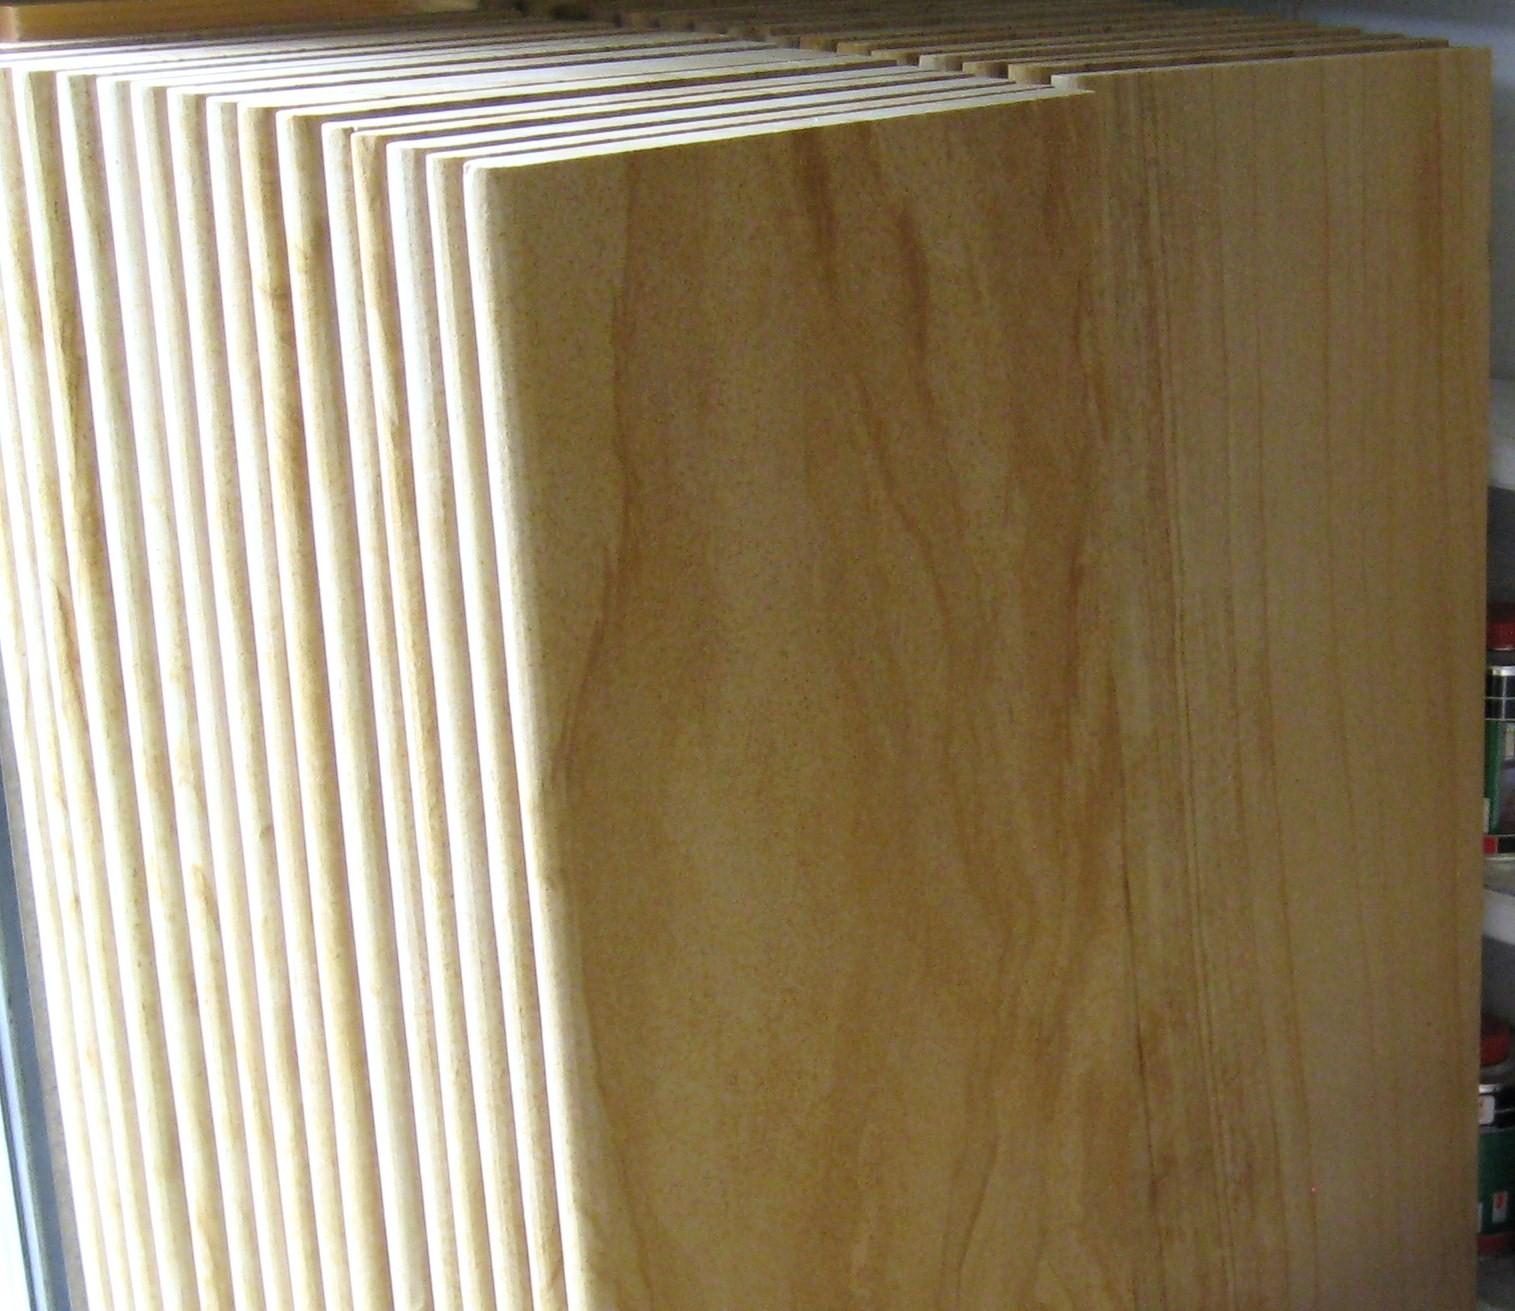 20. Woodgrain sandstone steps bullnosed